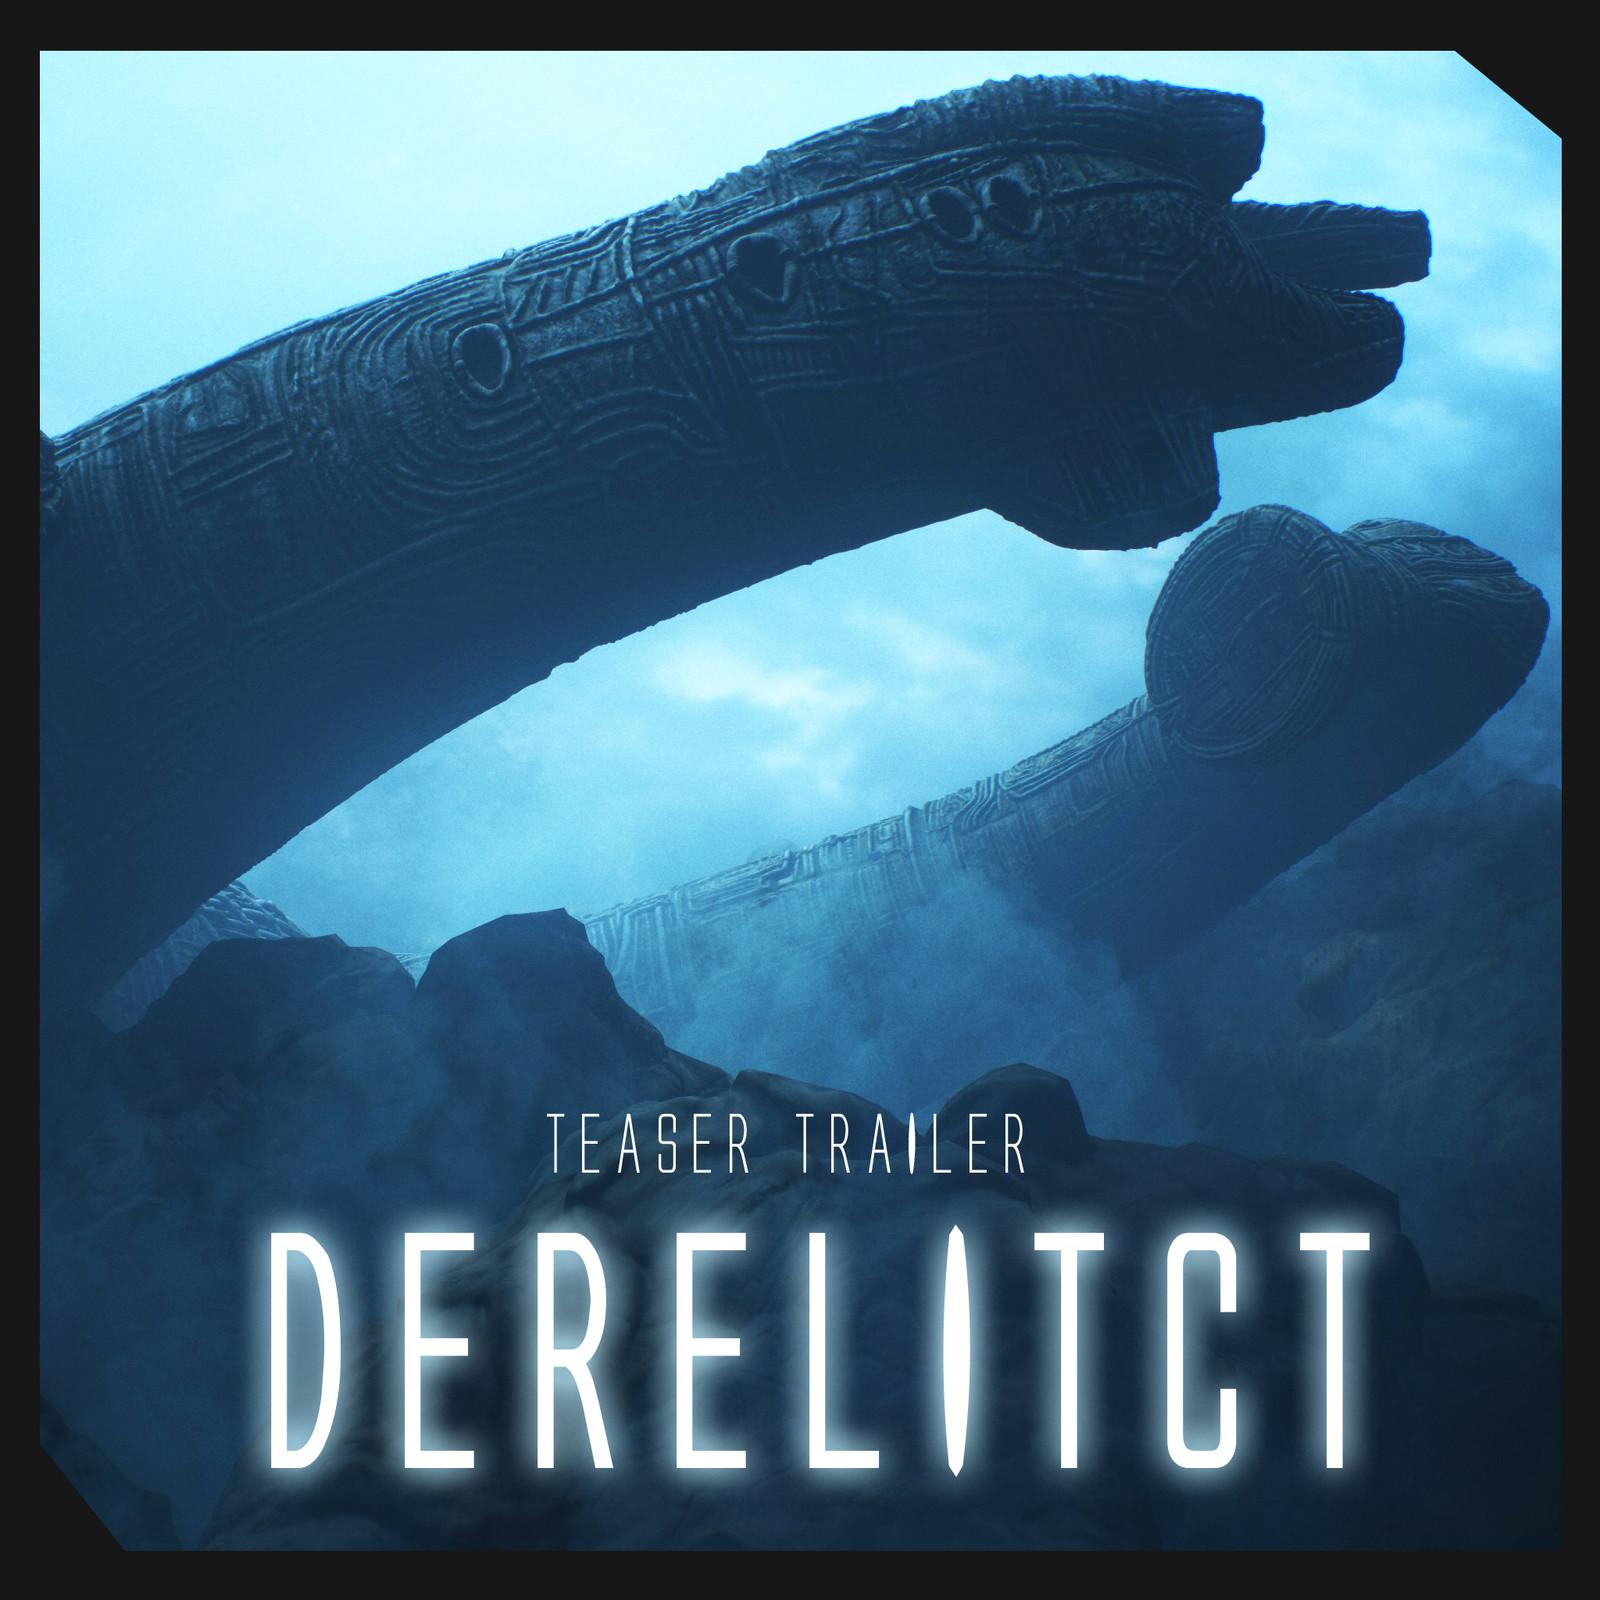 Derelict Teaser Trailer